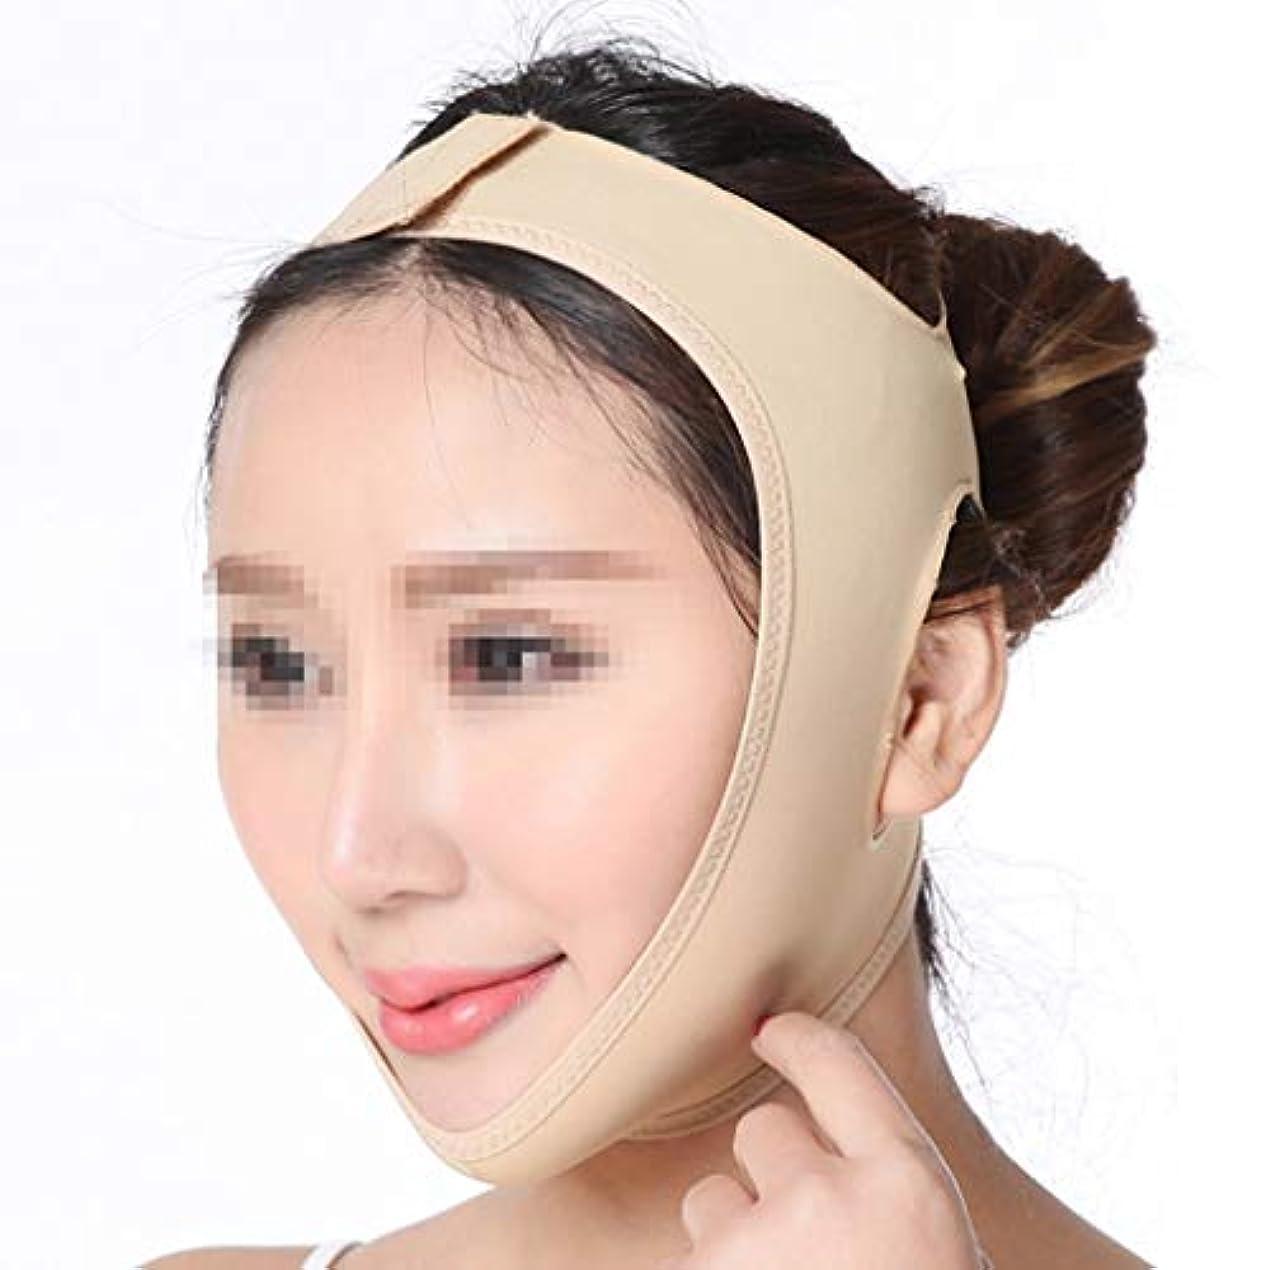 変える恒久的マリンフェイスリフティング包帯、Vフェイス薄型フェイスマスクフェイスリフティング包帯リフティングVフェイスマスク (Size : M)